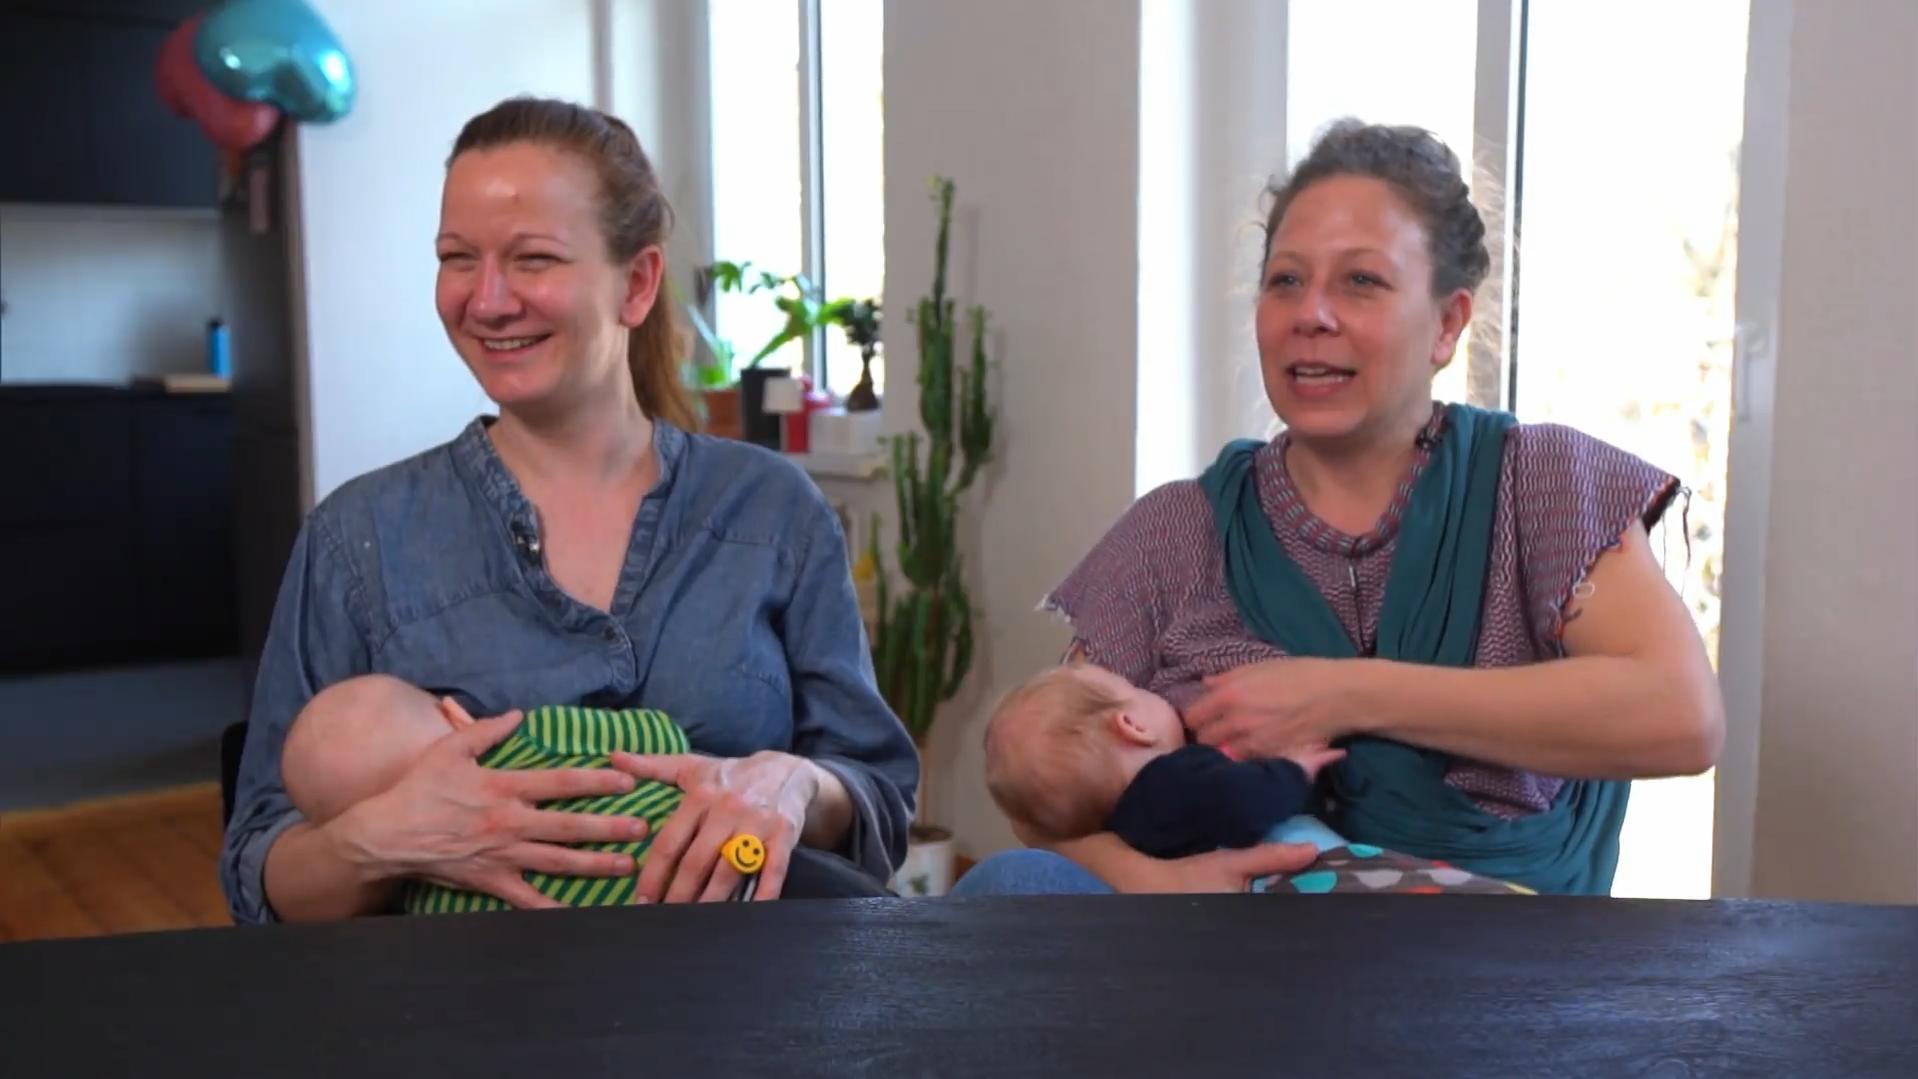 Stillen ohne Schwangerschaft: Bisexuelles Paar nutzt